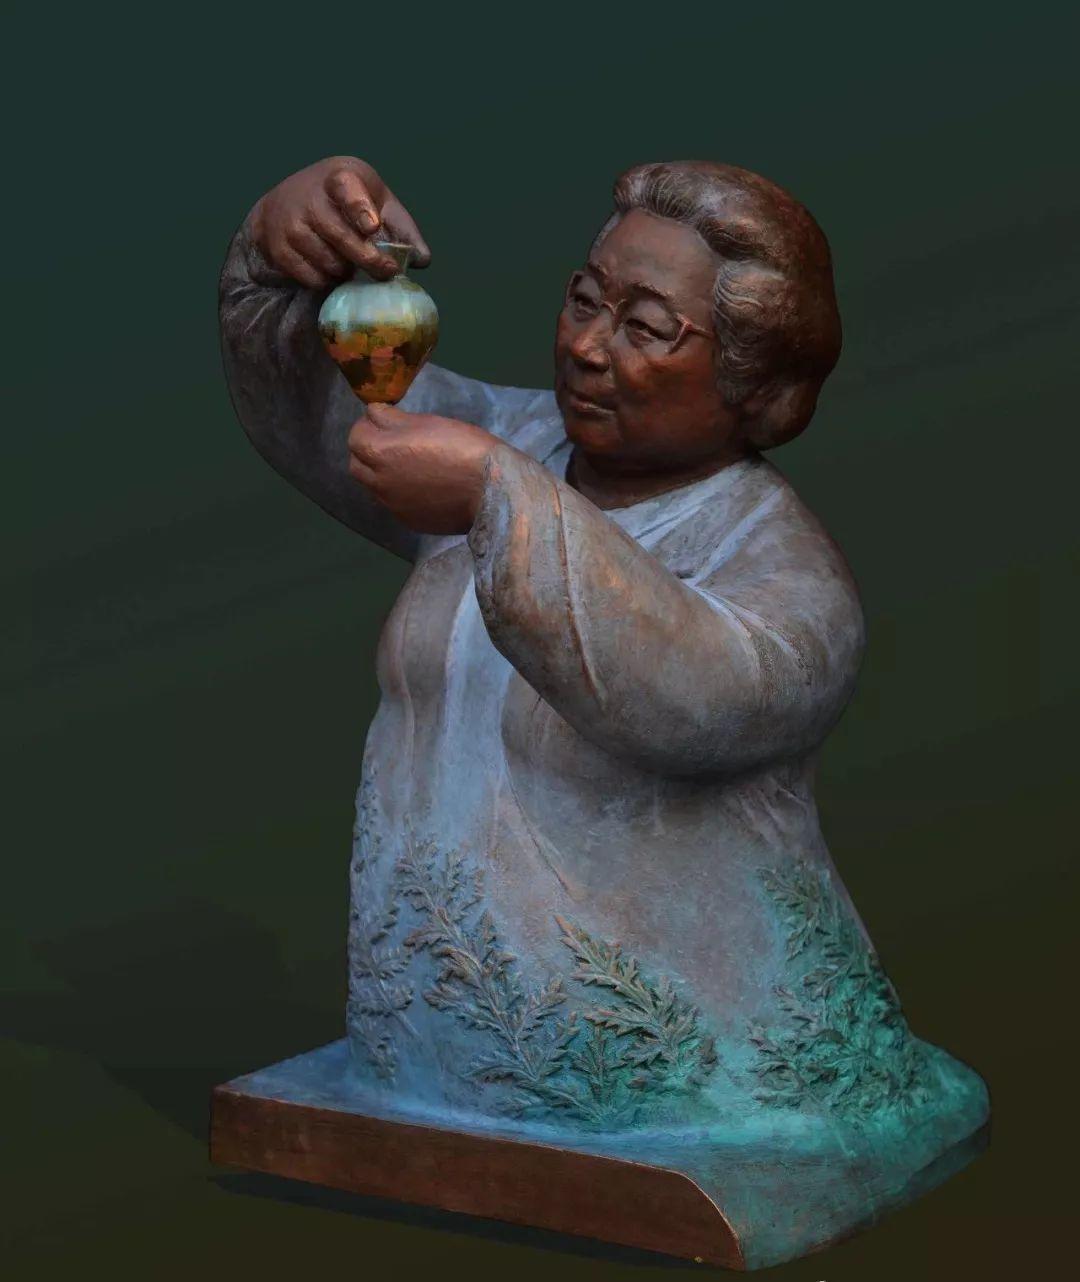 第十三届全国美展·雕塑作品展插图357